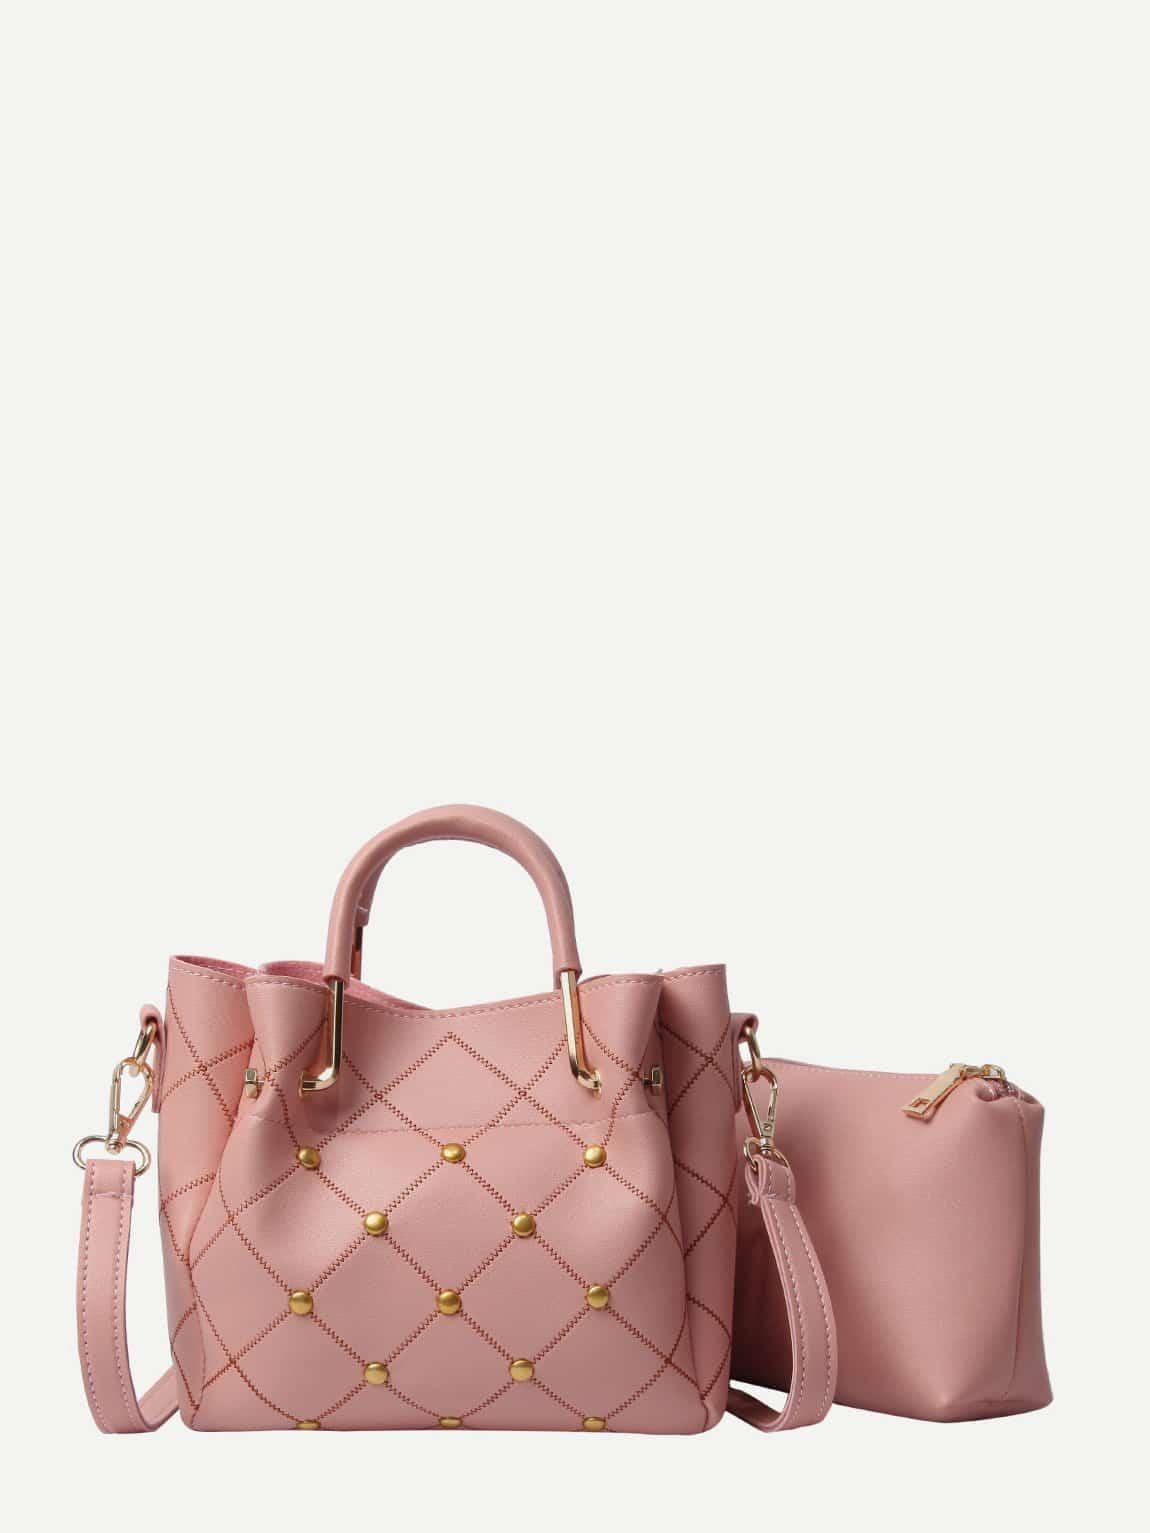 Шипованная сумка с внутренной сумкой, null, SheIn  - купить со скидкой